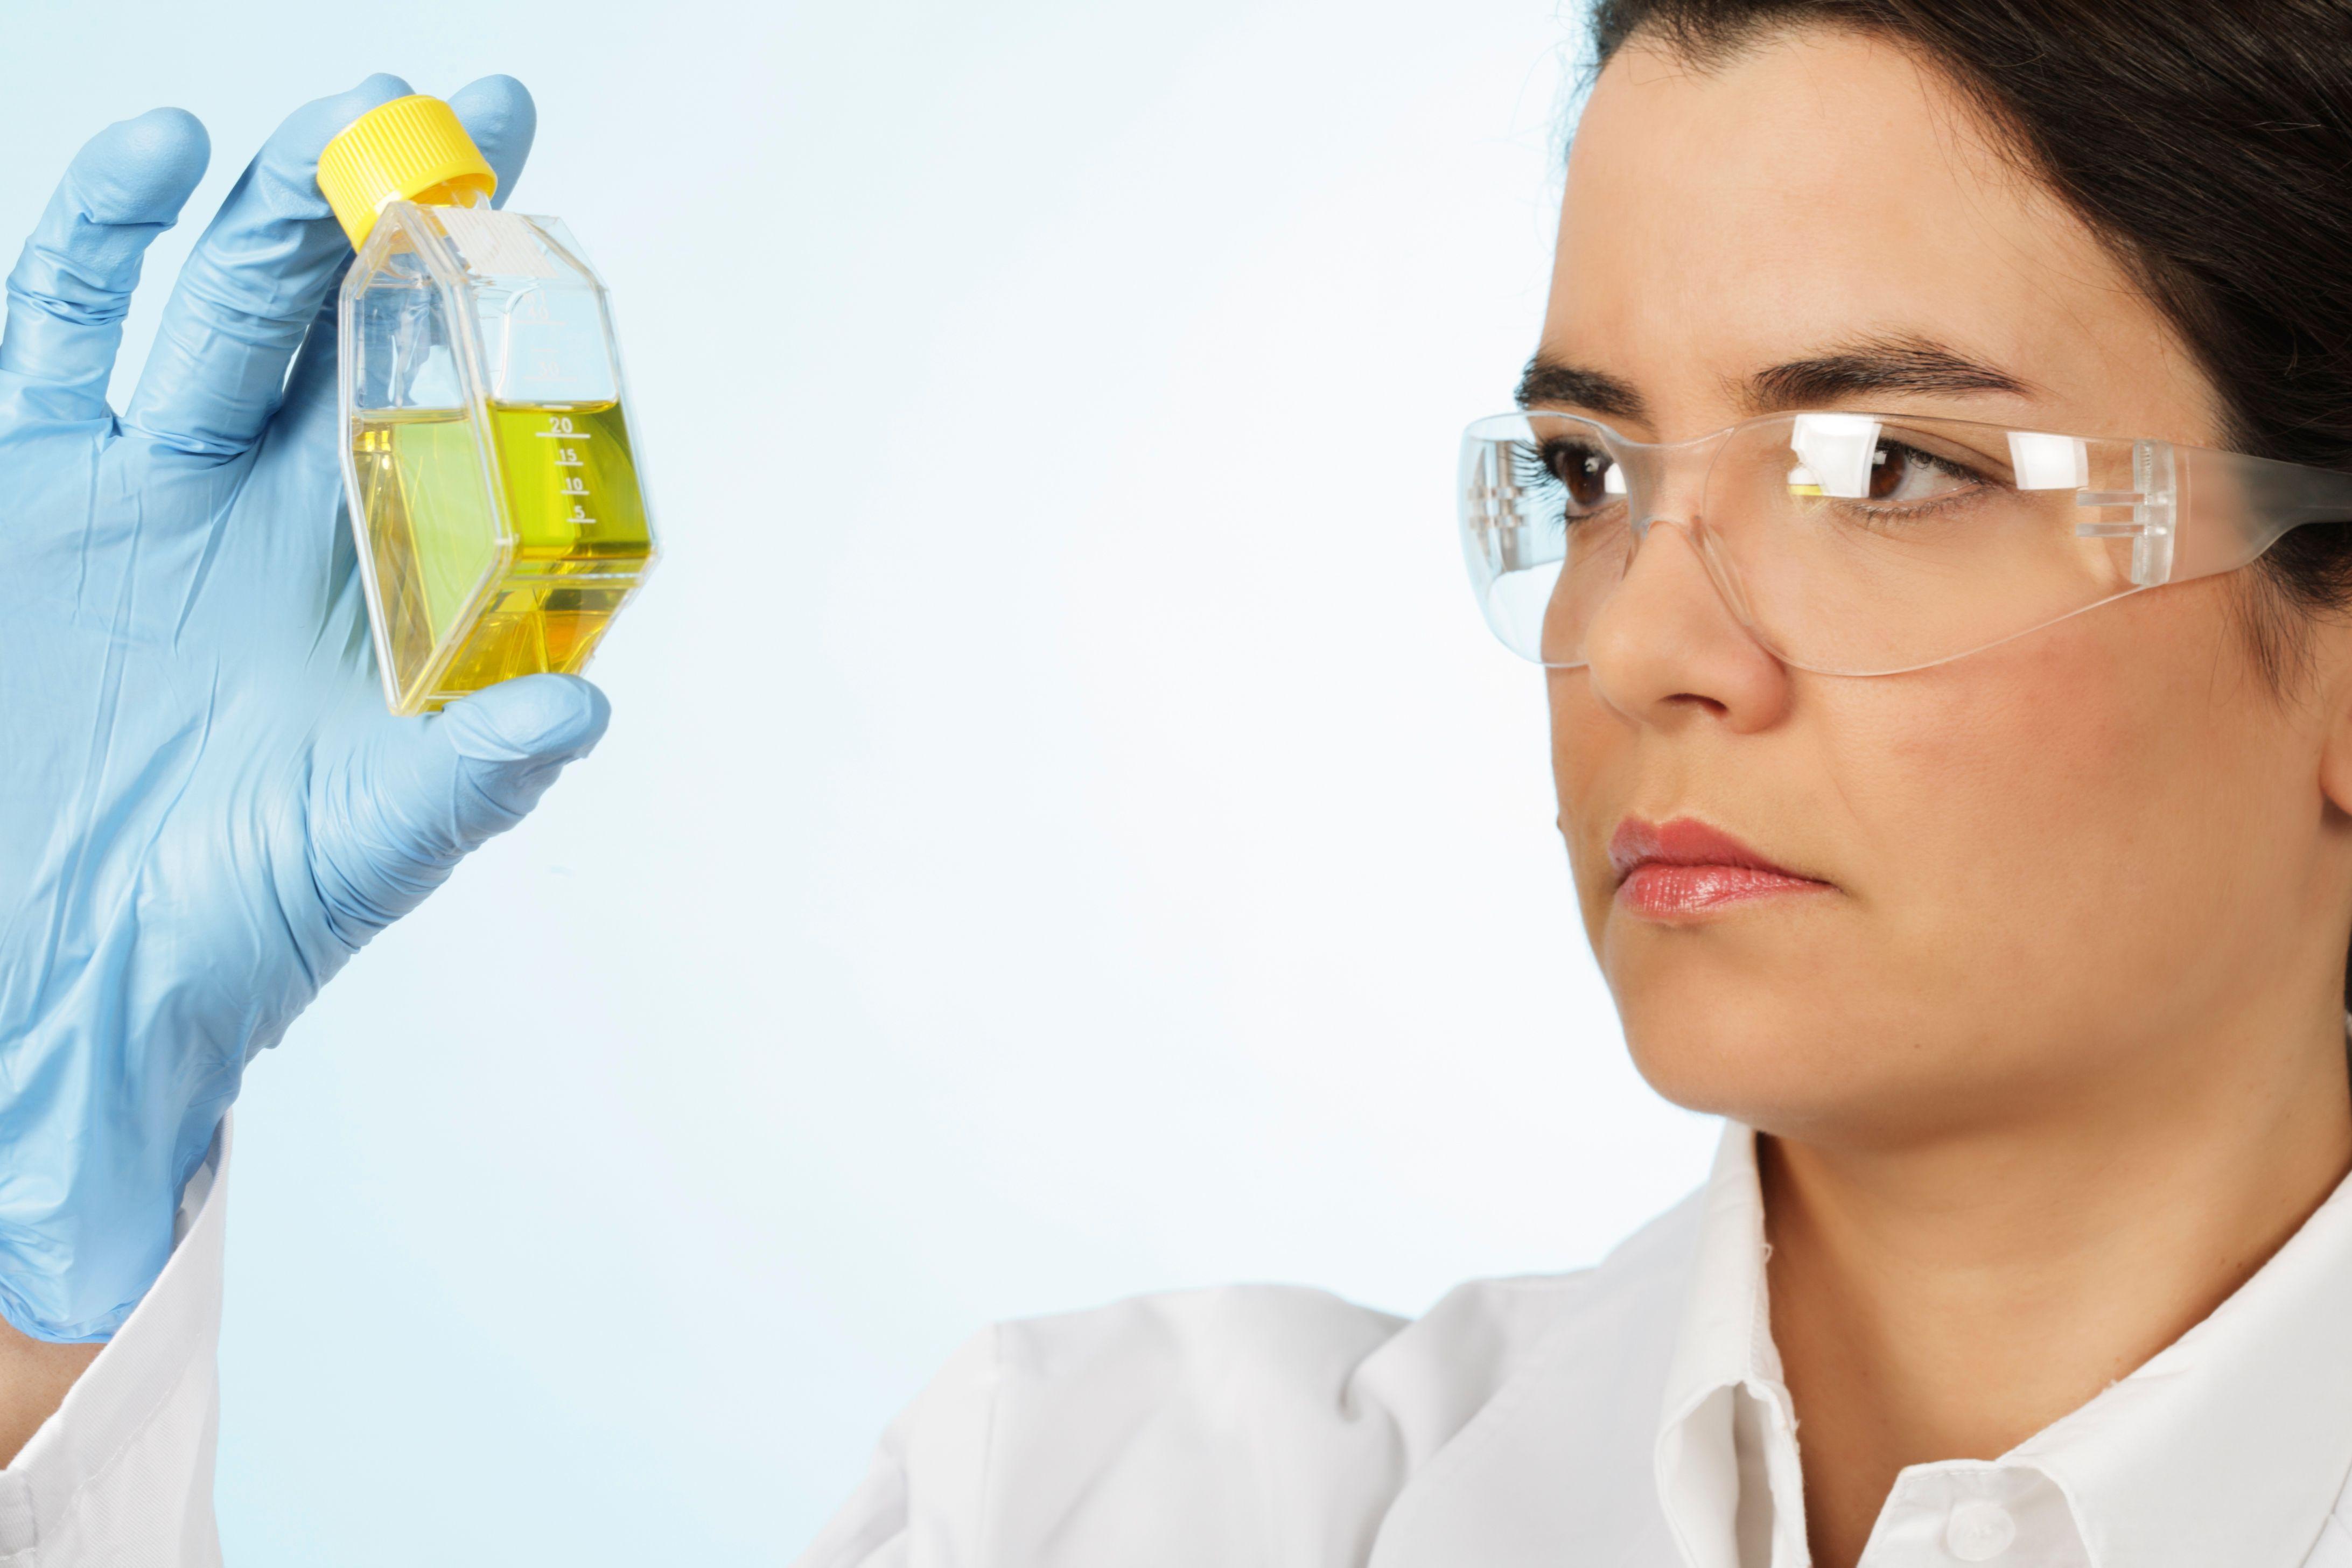 Clairance de la créatinine - Dosage sanguin et urinaire..